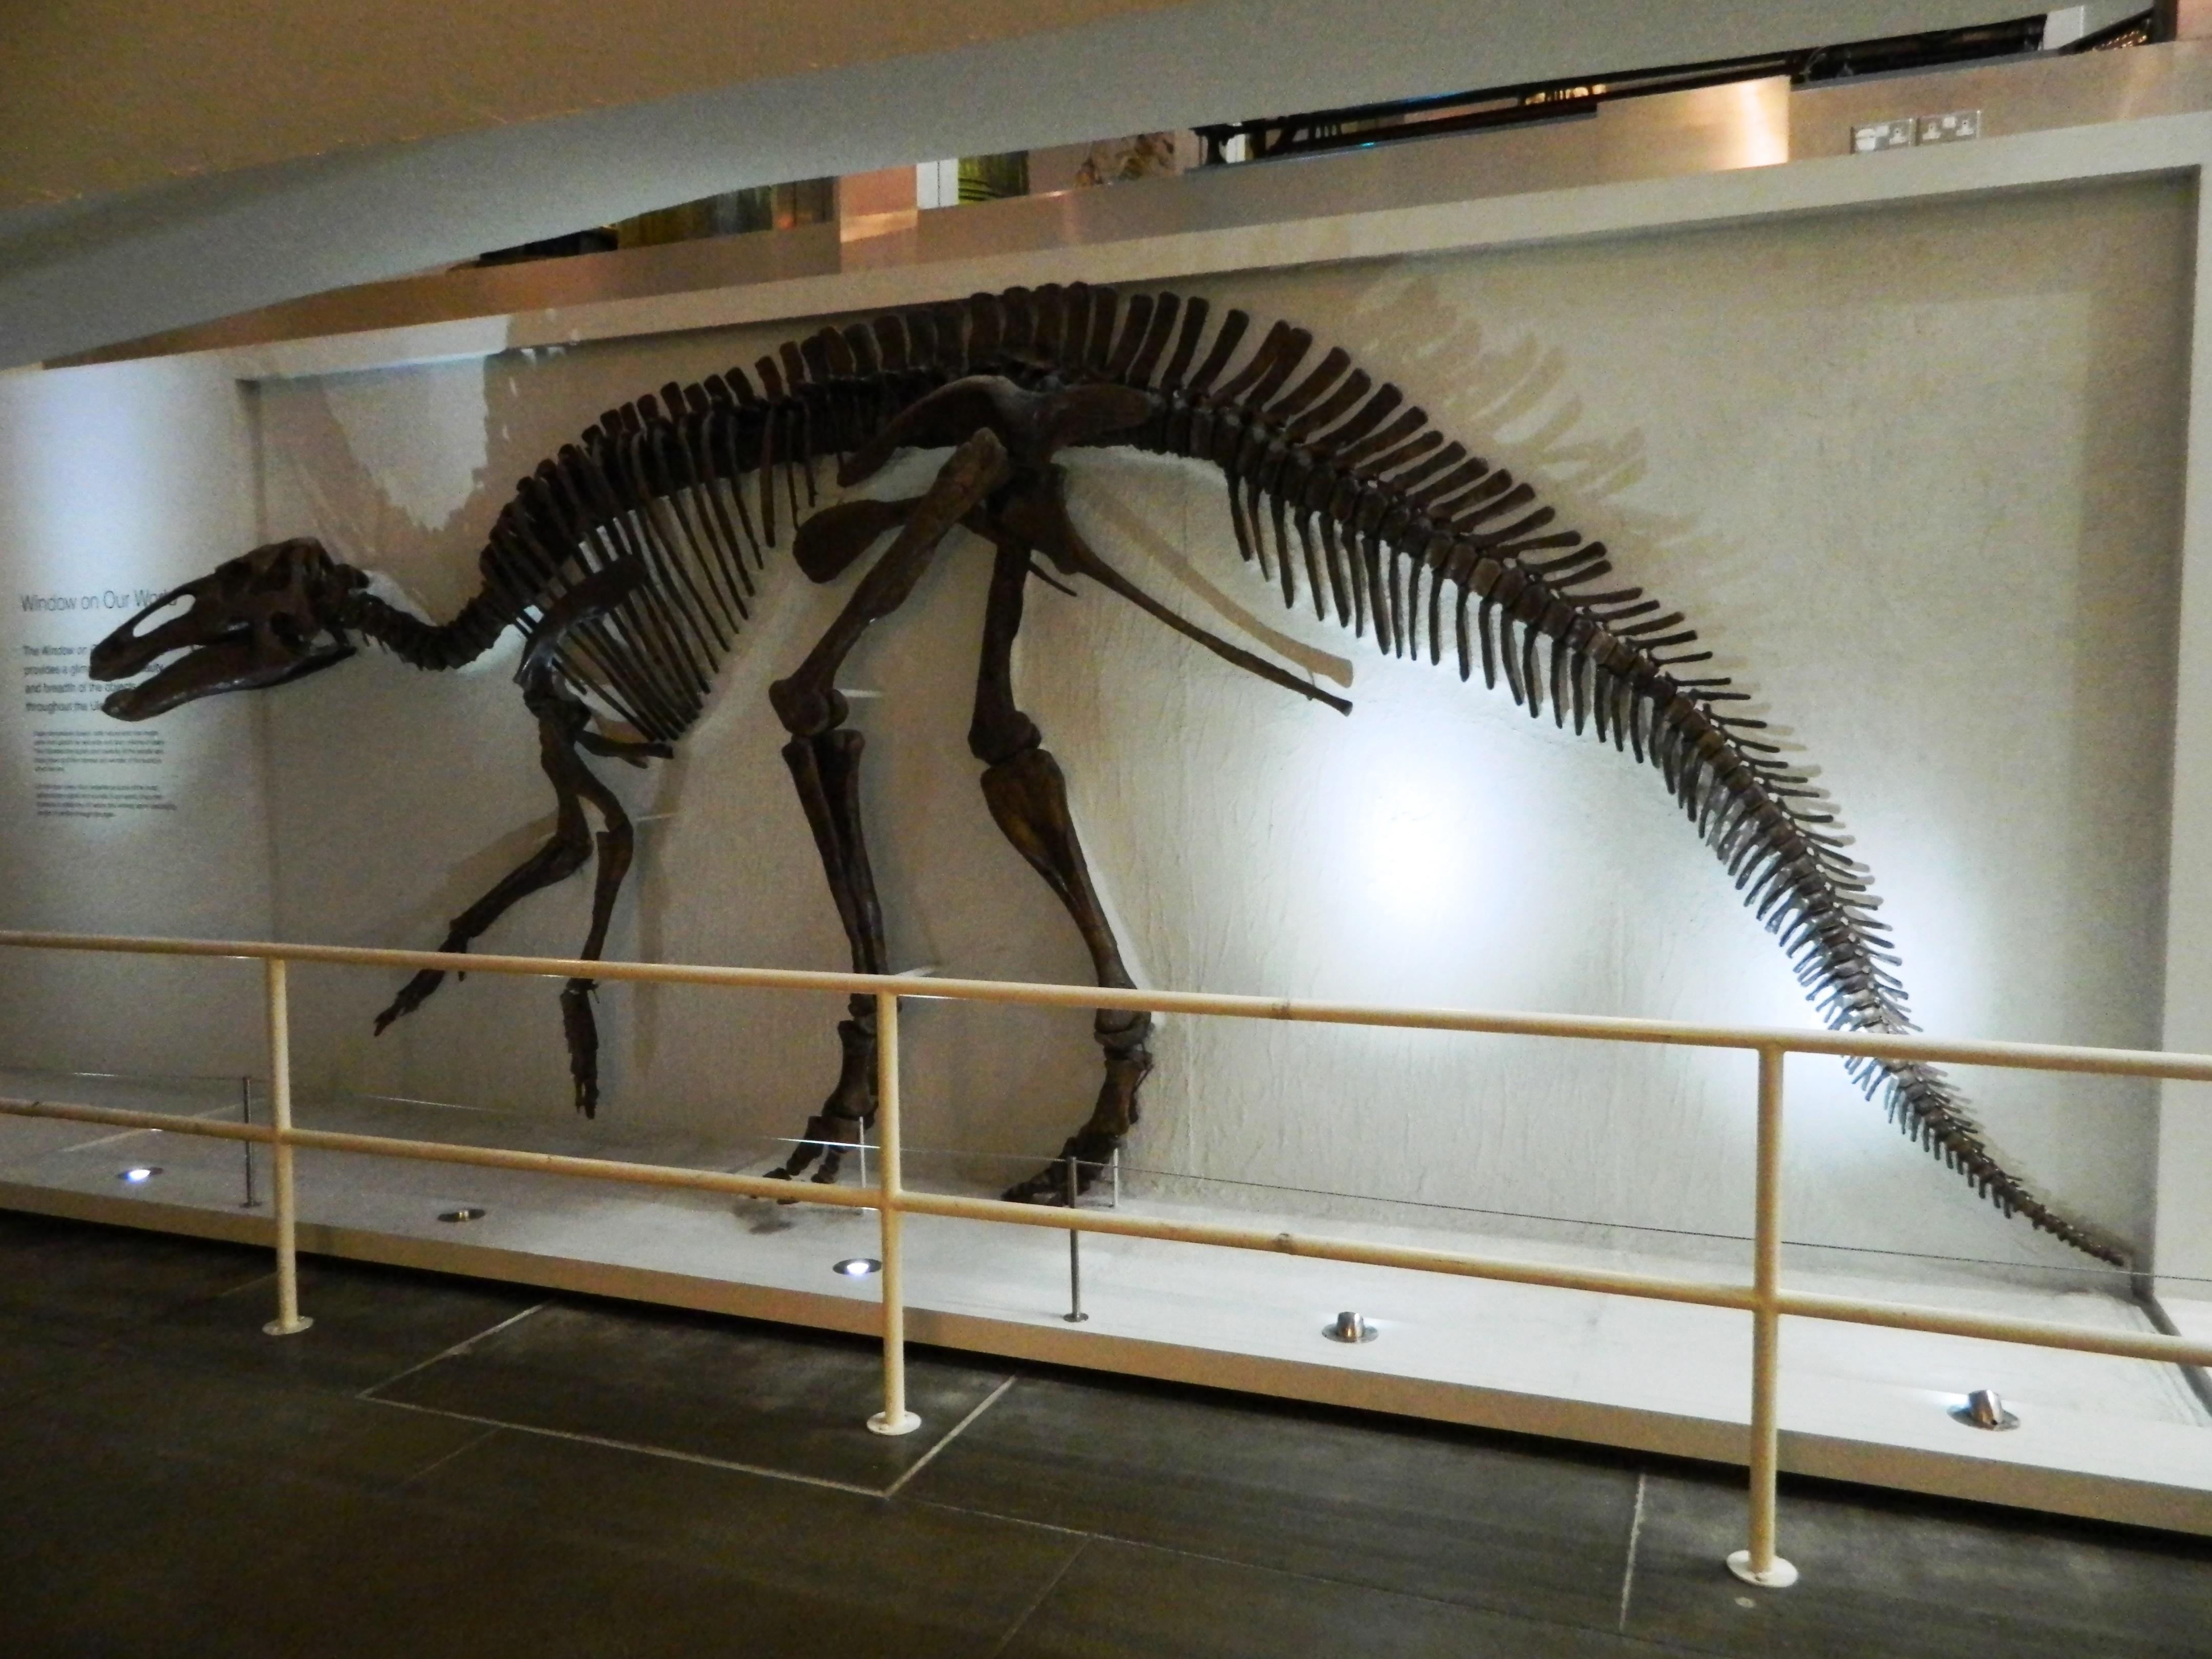 edmontosaurus dinosaur king - photo #18